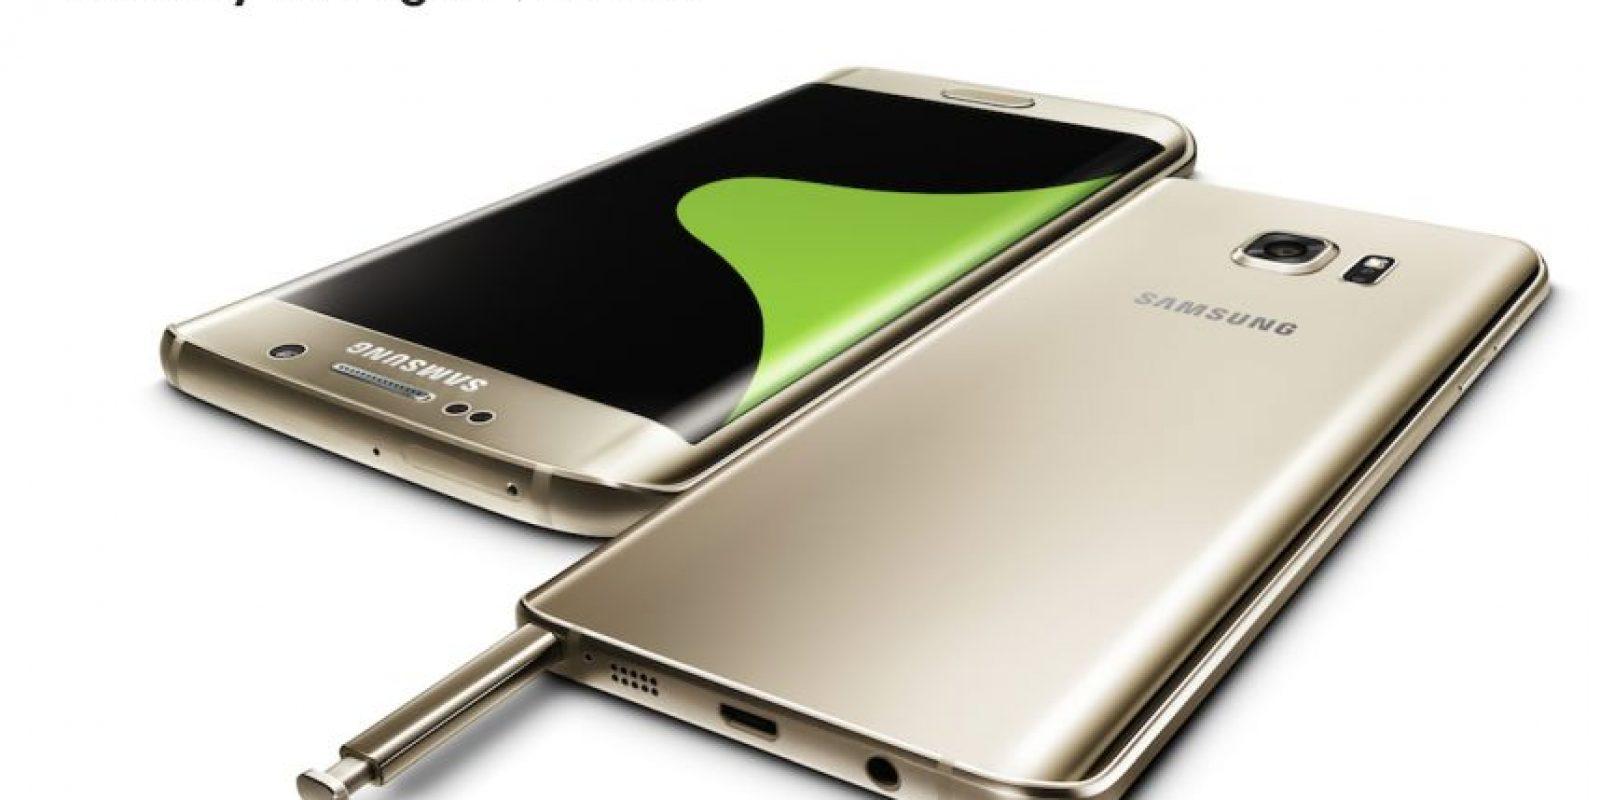 Batería: 3.000 mAh con carga rápida inalámbrica. Foto:Samsung